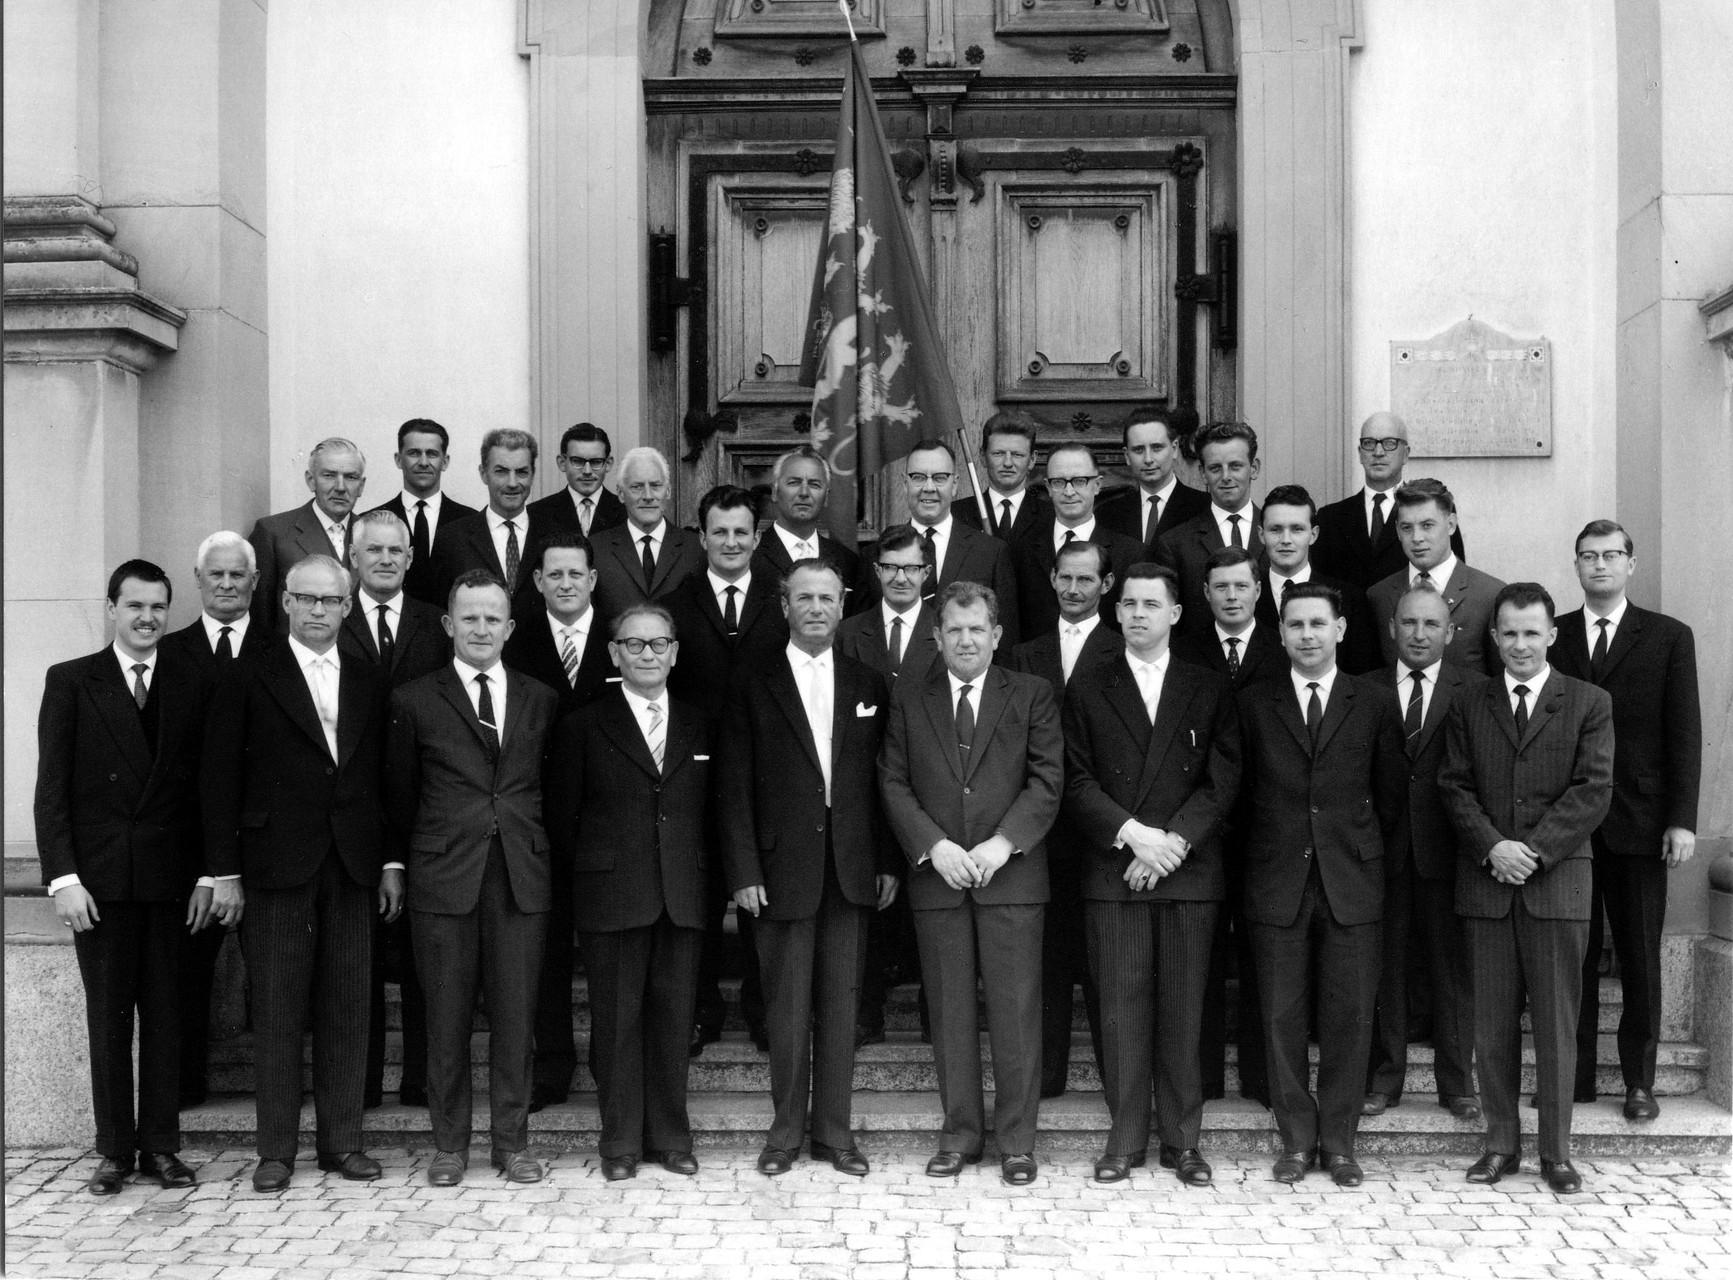 1963 - 25 Jahre Männerchor Pfäffikon